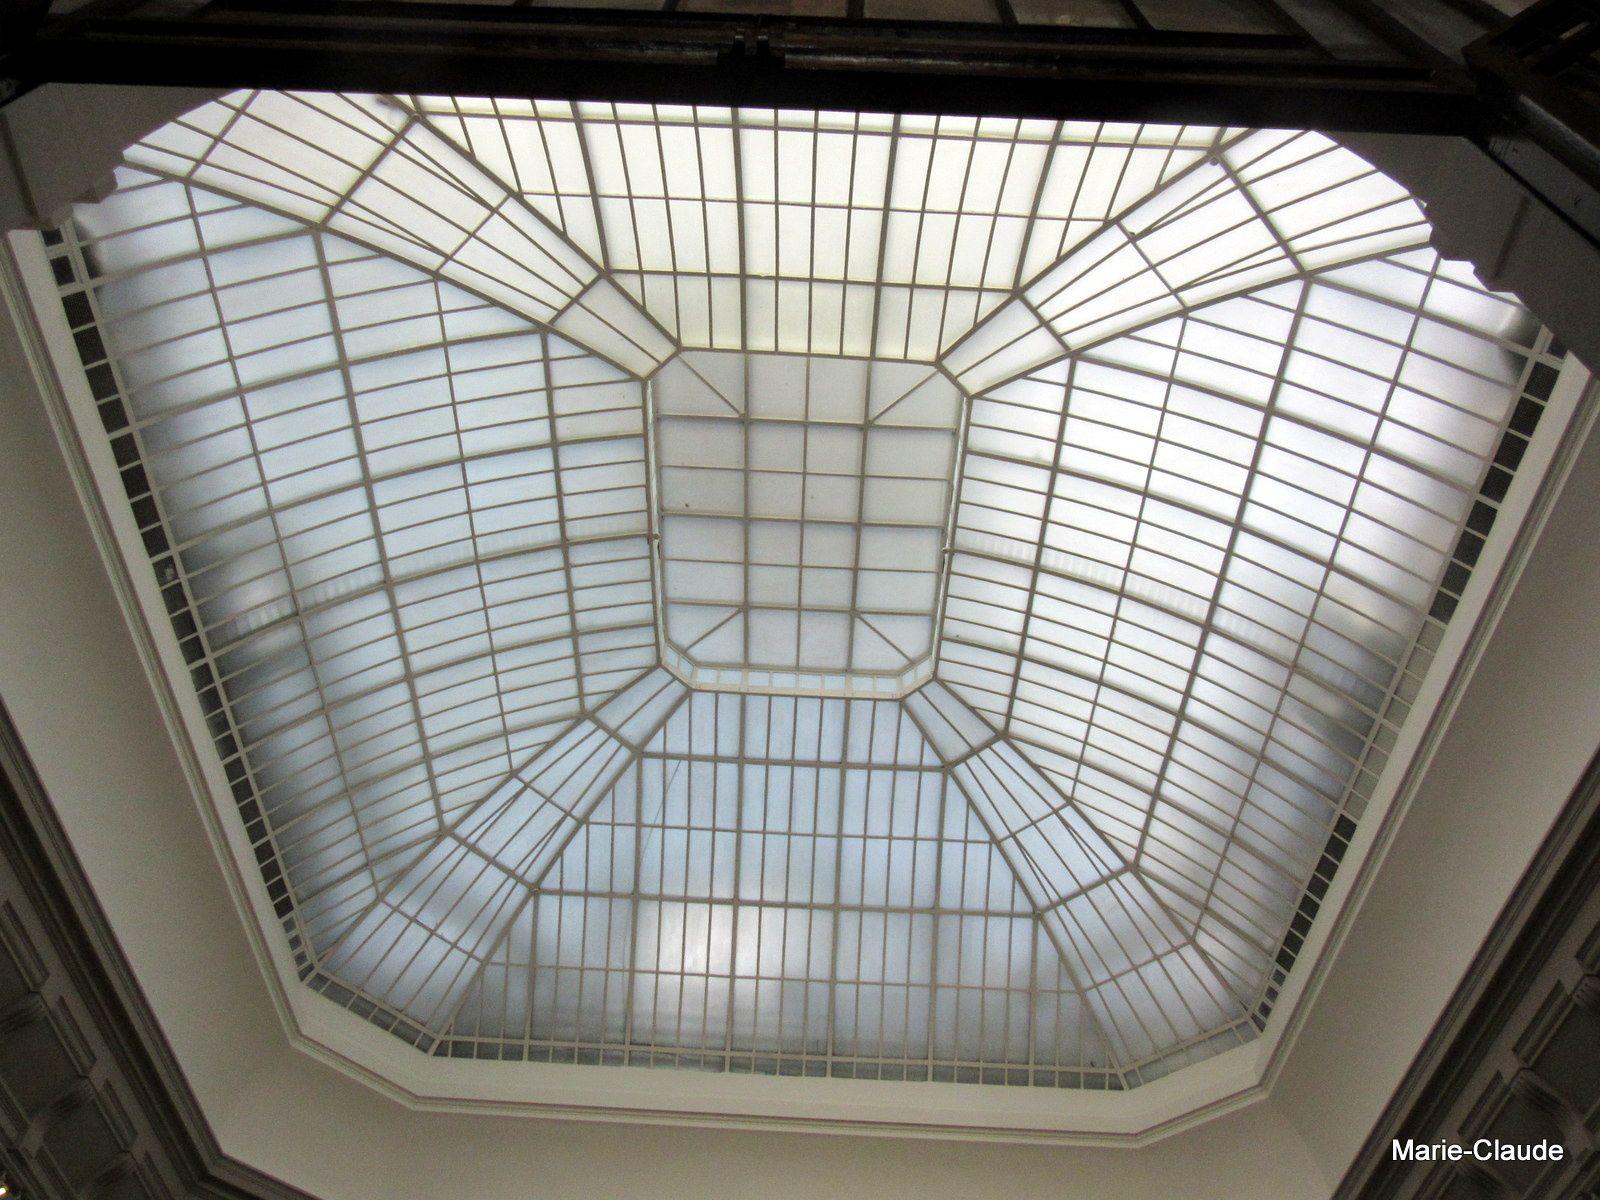 Les dômes de verre permettent une luminosité maximale